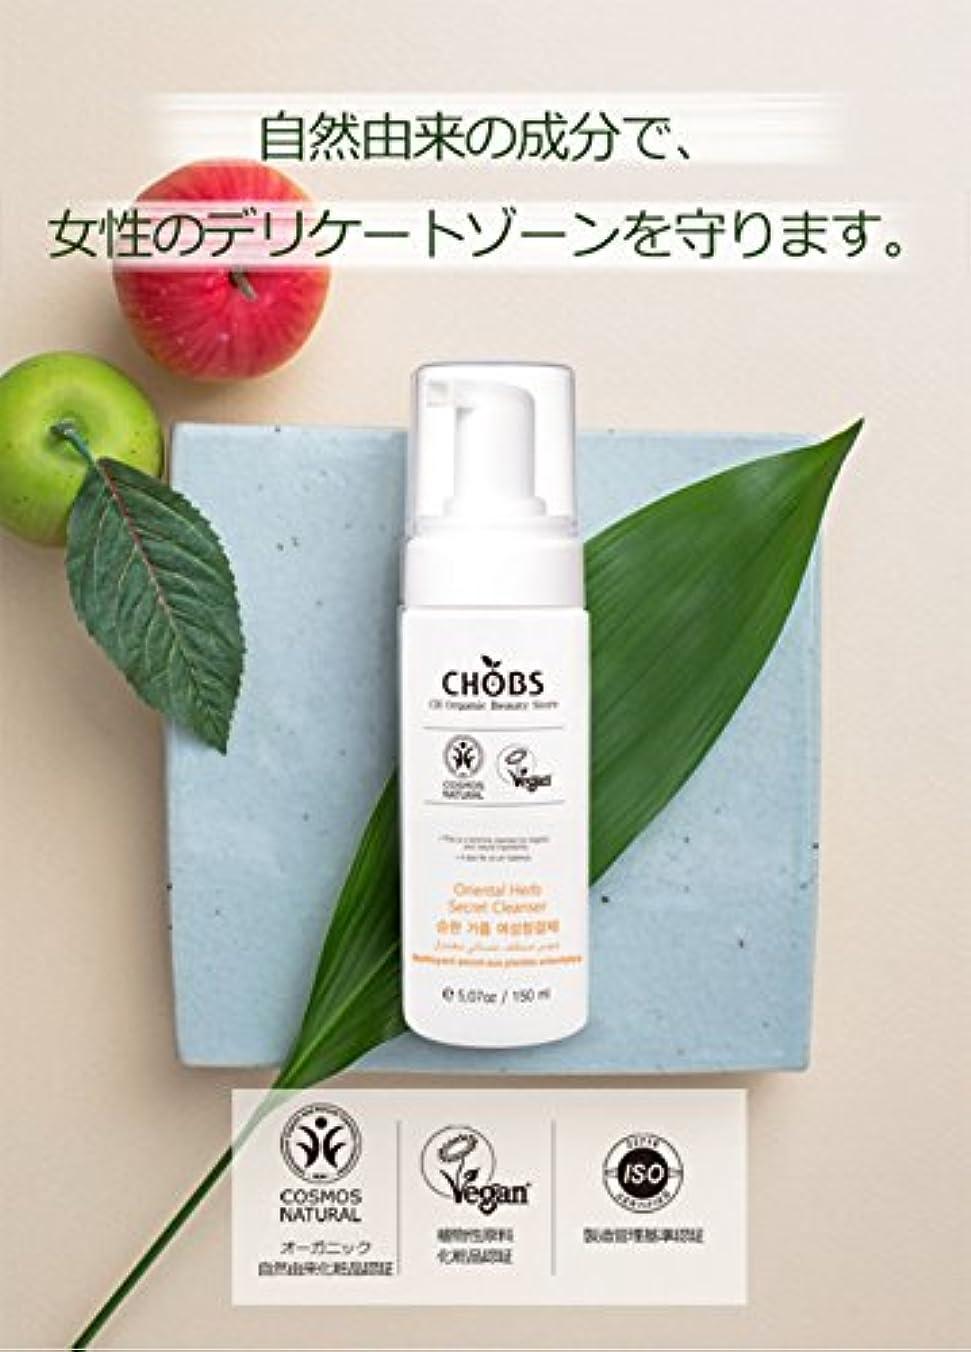 切手電池アルバニーオーガニック清潔ケアクレンザー 天然化粧品 韓国コスメ 低刺激